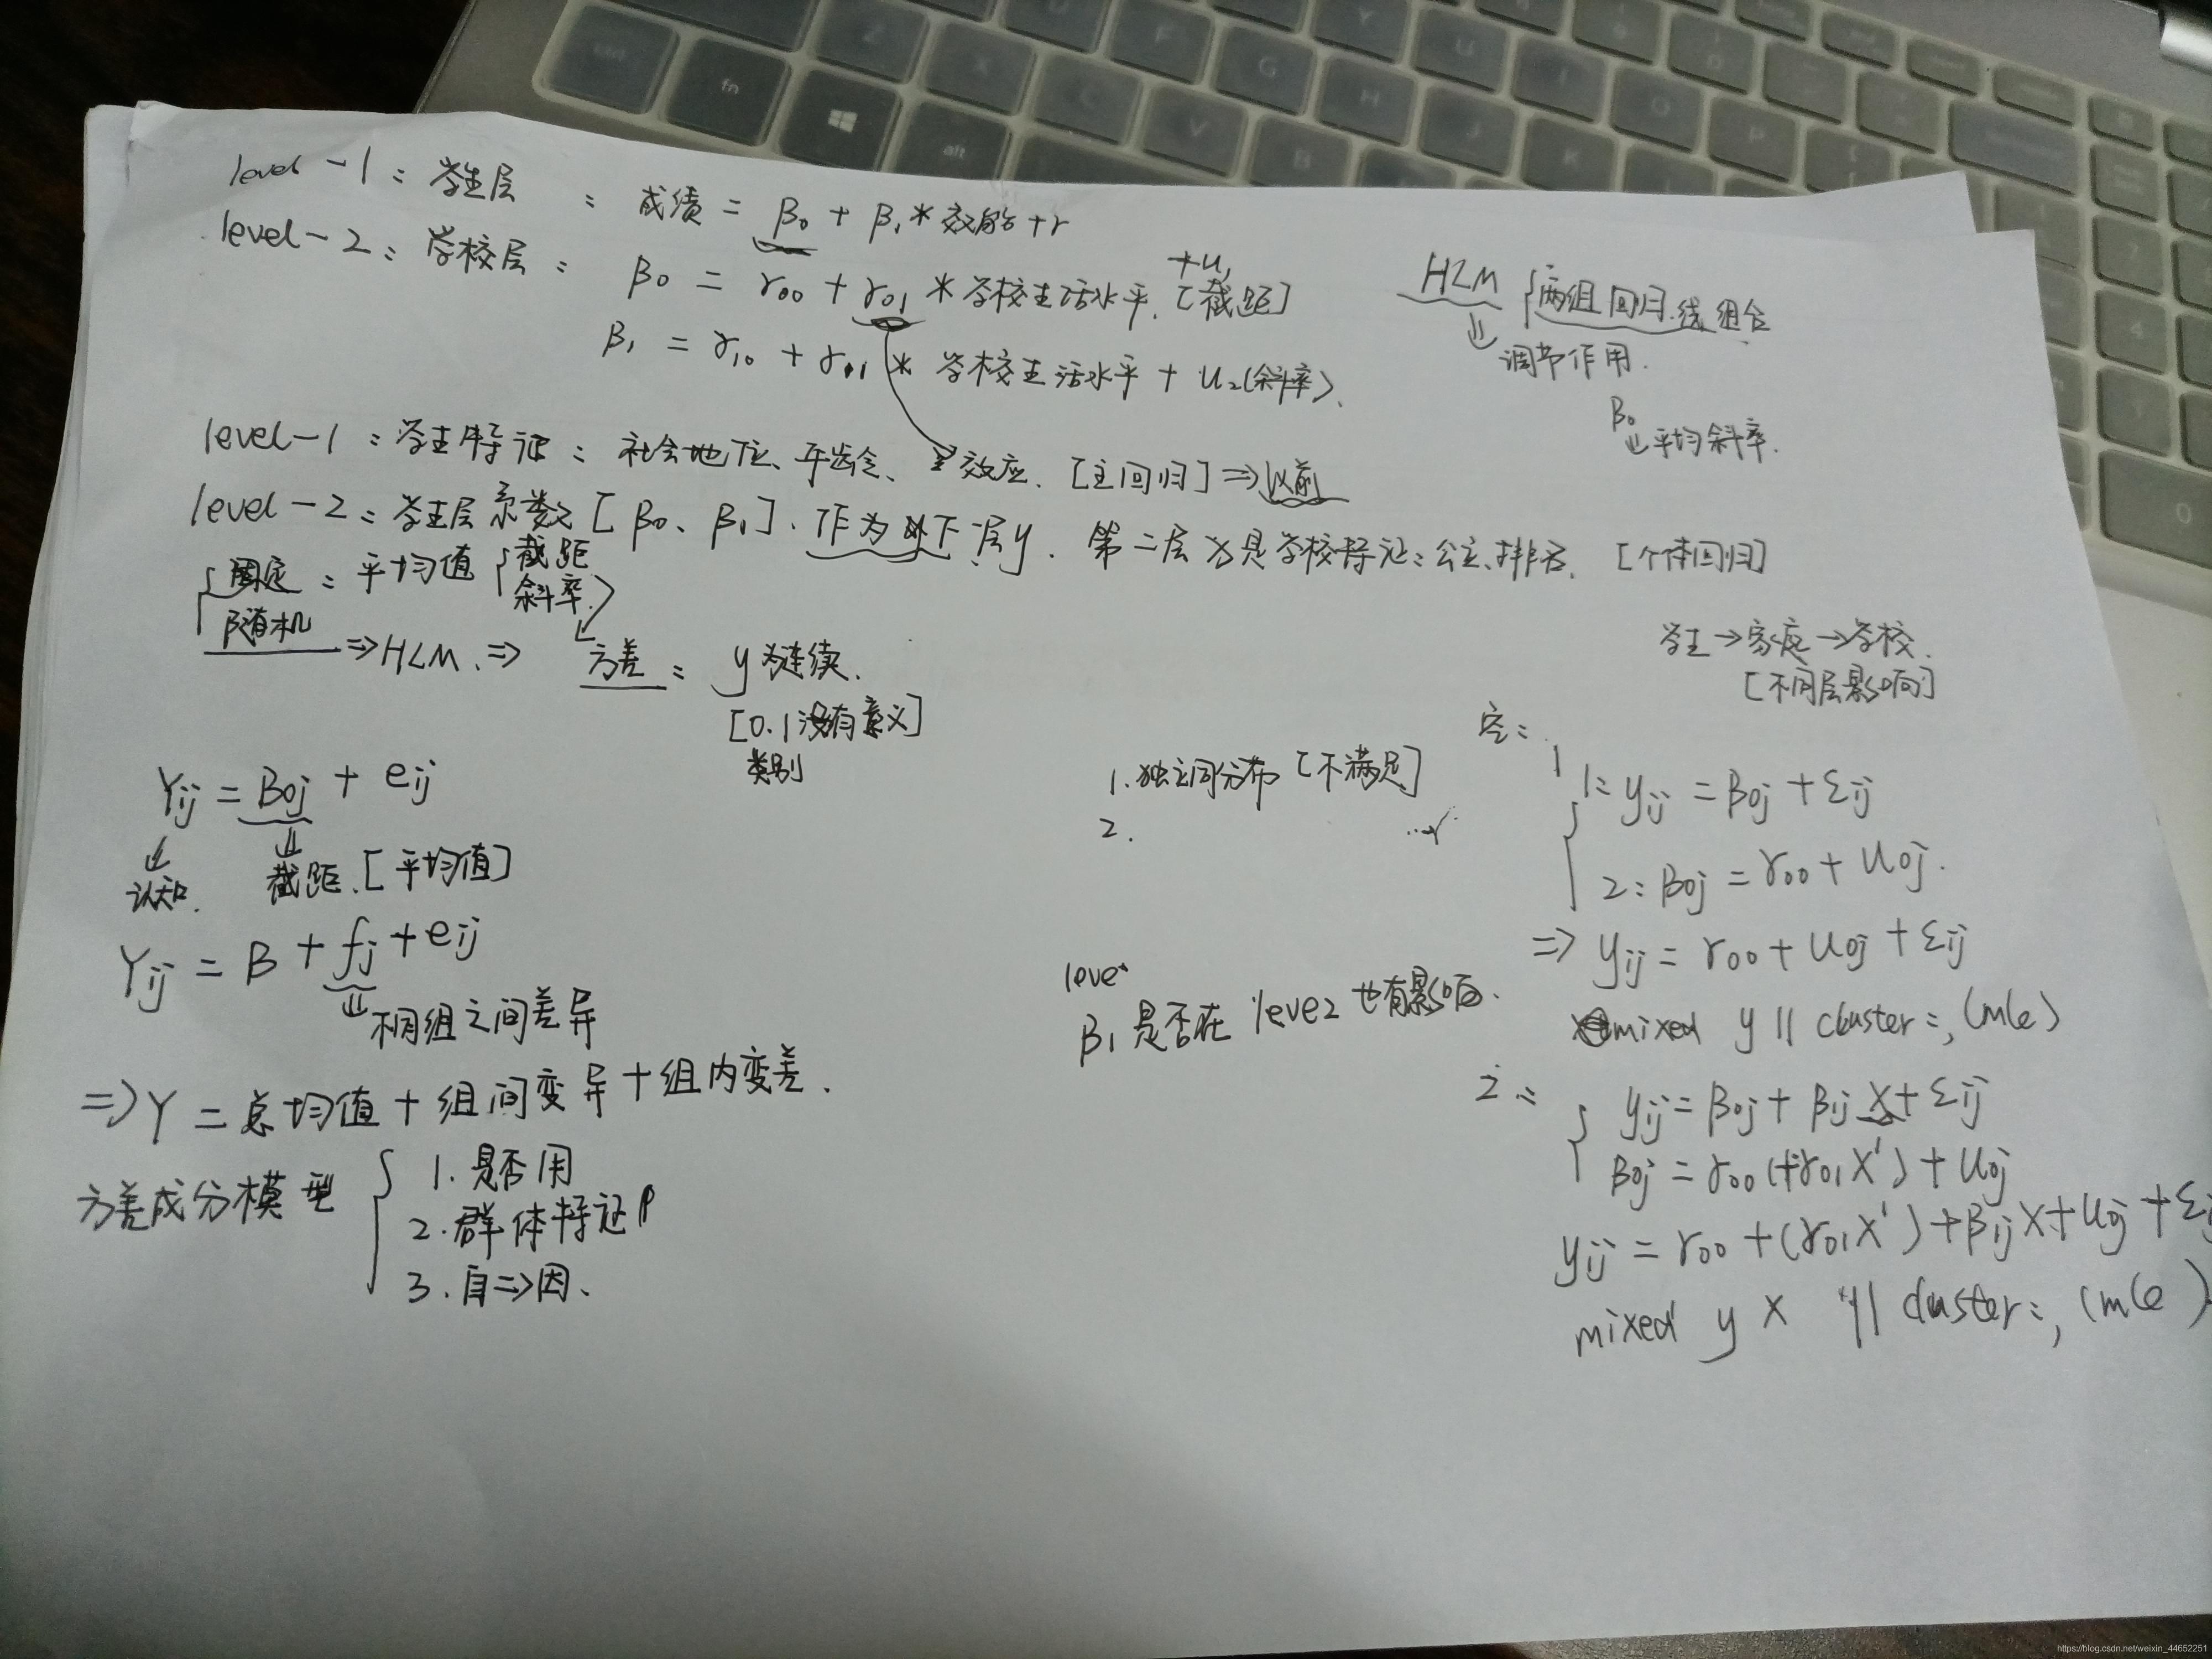 个人学习笔记